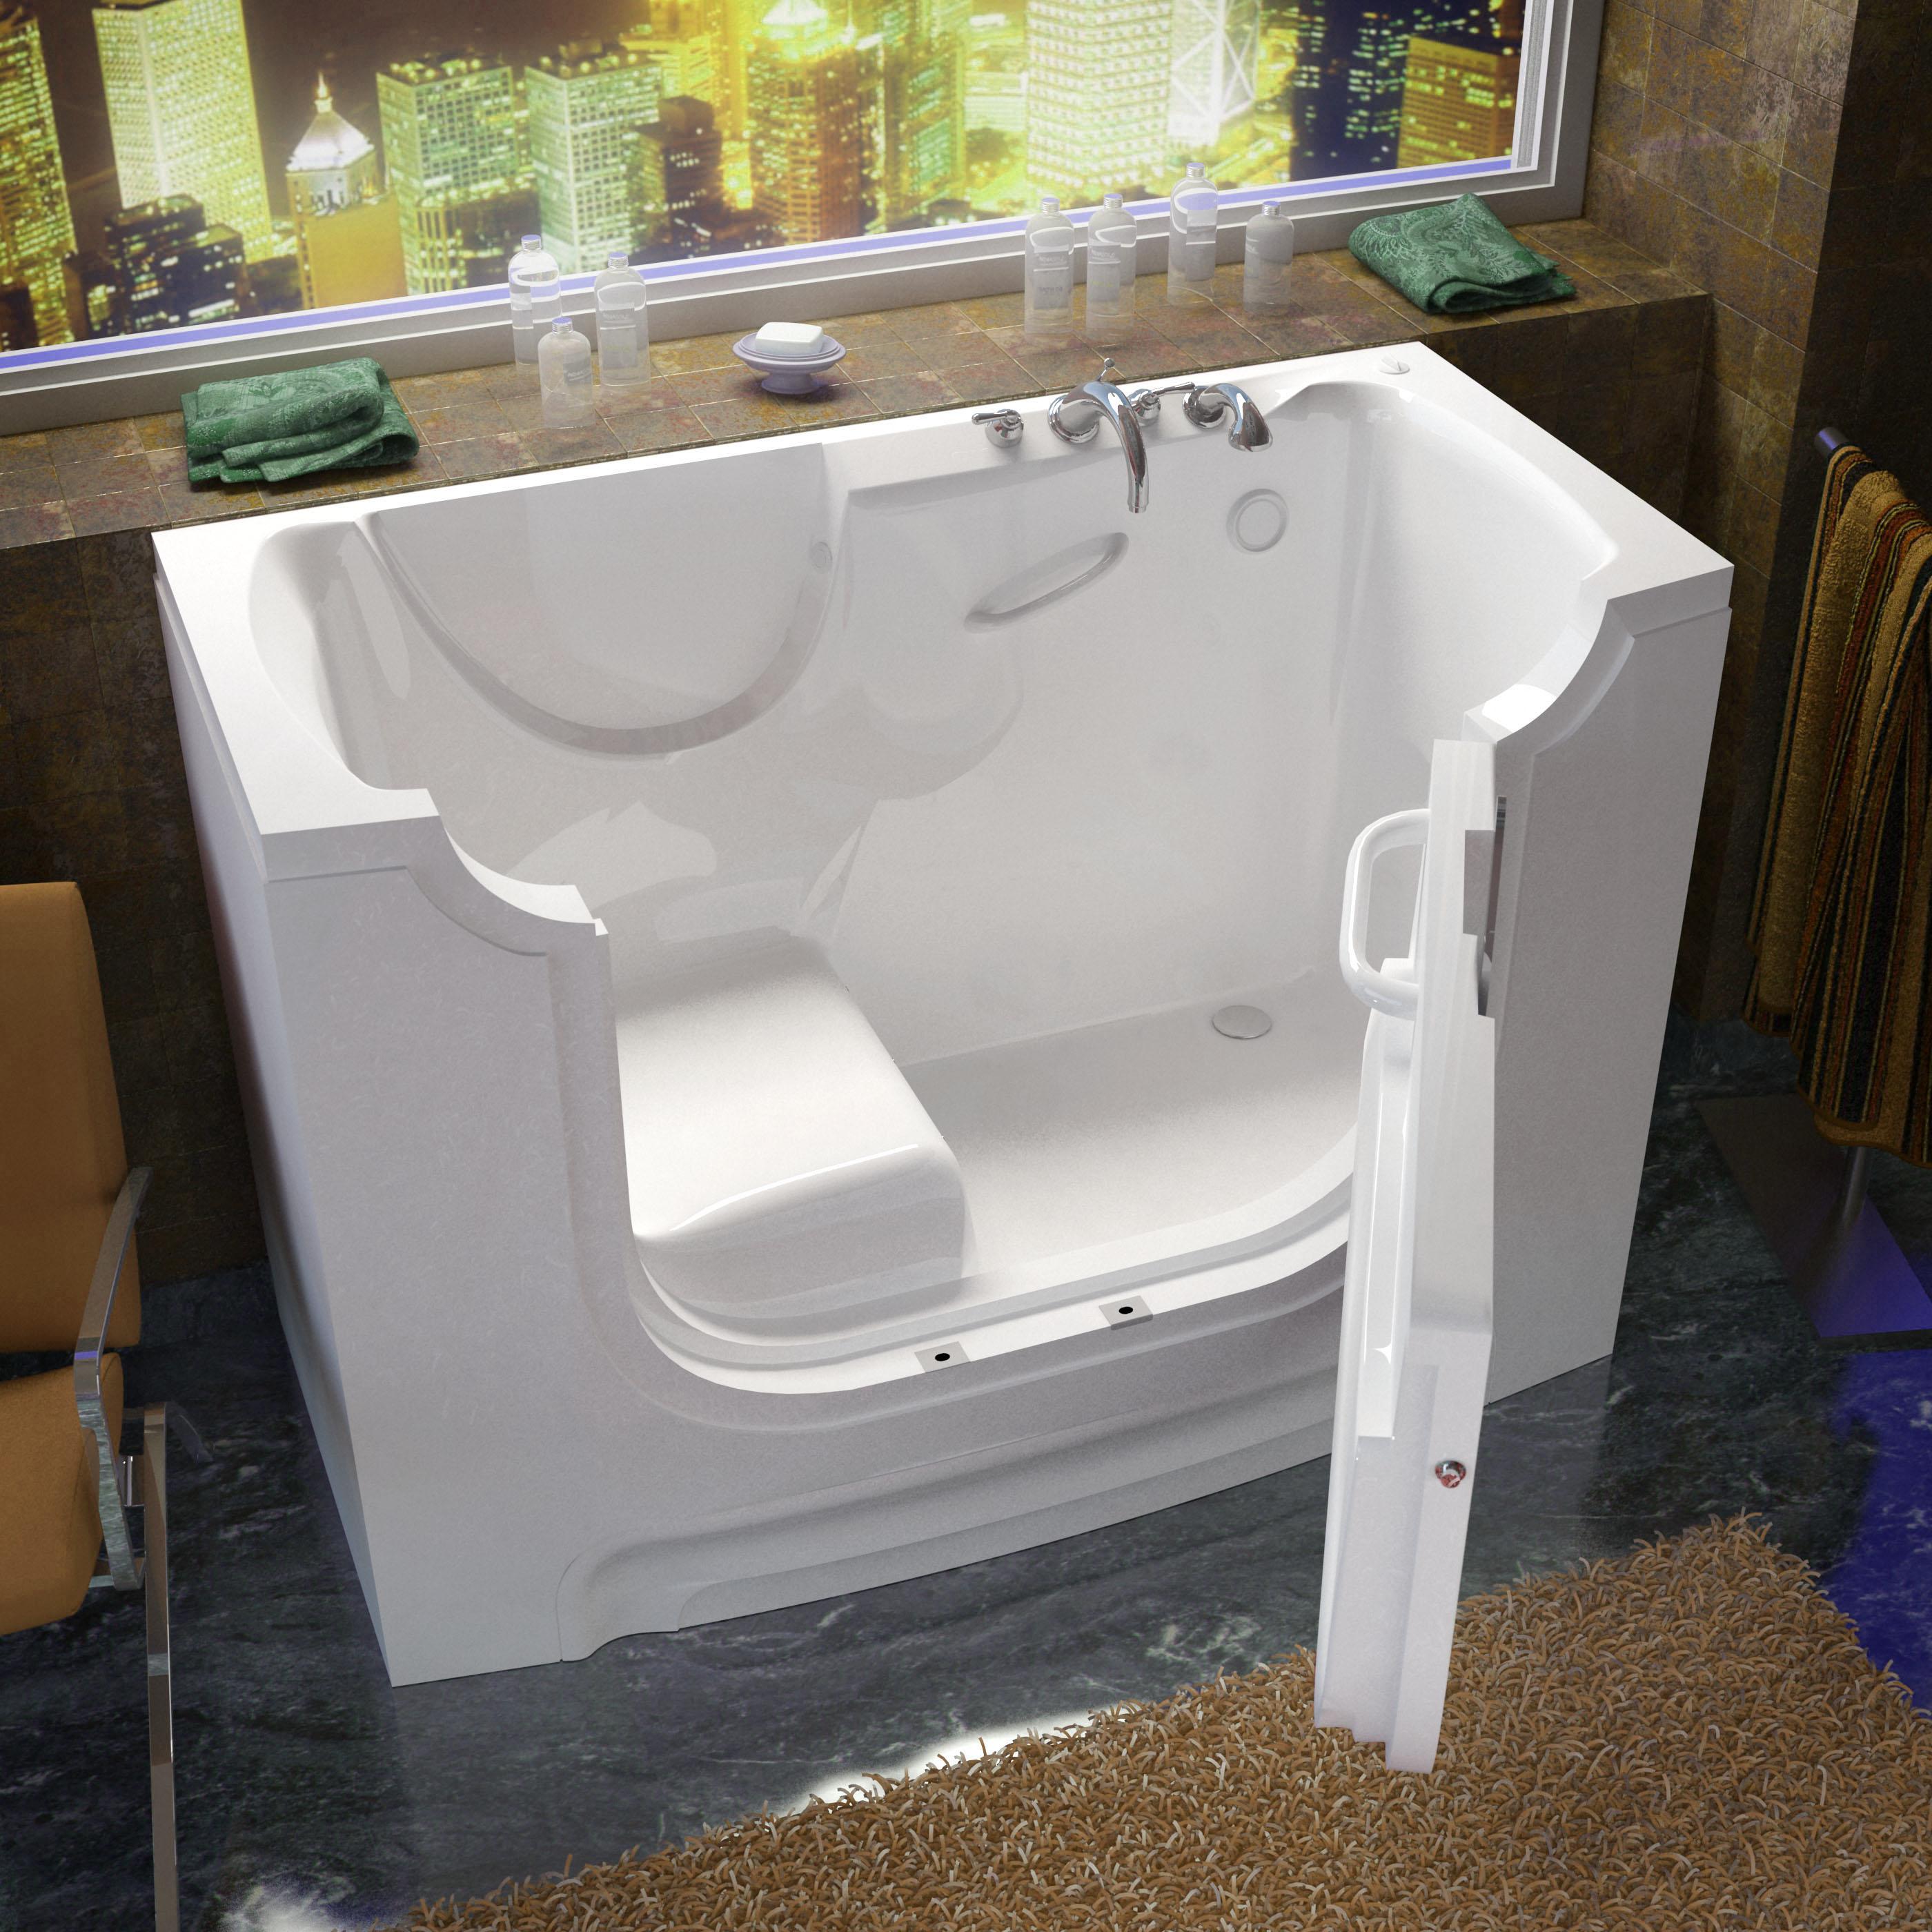 30x60 Right Drain White Soaking Wheelchair Accessible Walk-In Bathtub